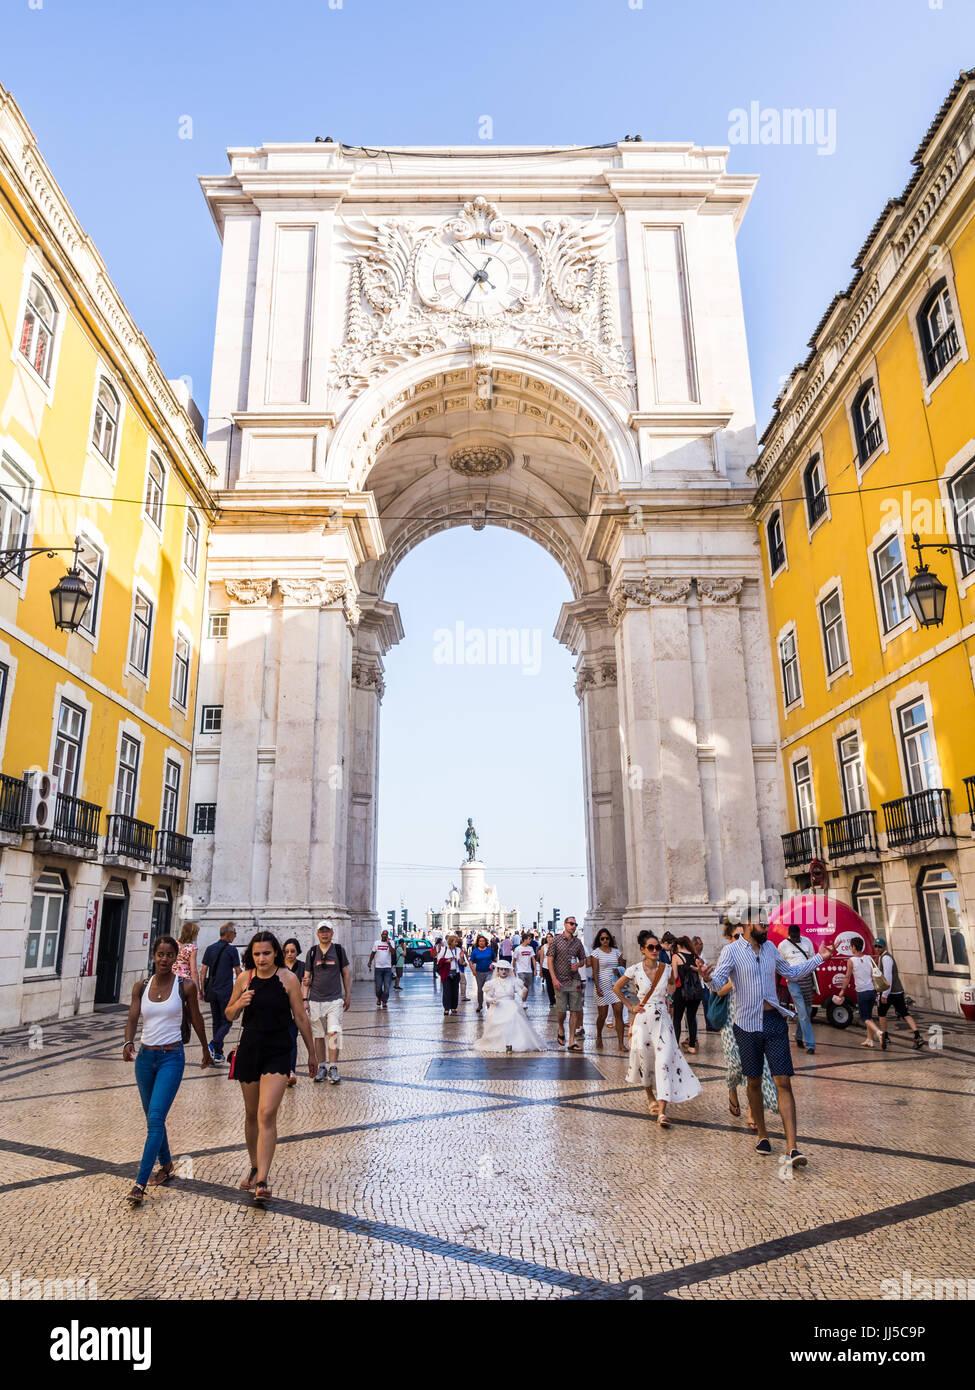 Lisbona, Portogallo - 13 giugno 2017: la Rua Augusta Arch, un arco trionfale-simili, edificio storico a Lisbona, Foto Stock